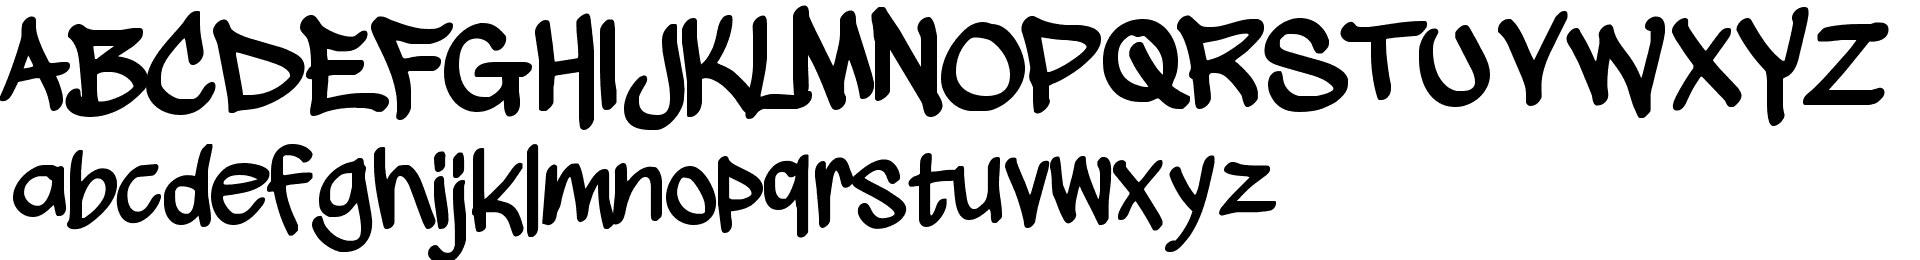 wickhop handwriting